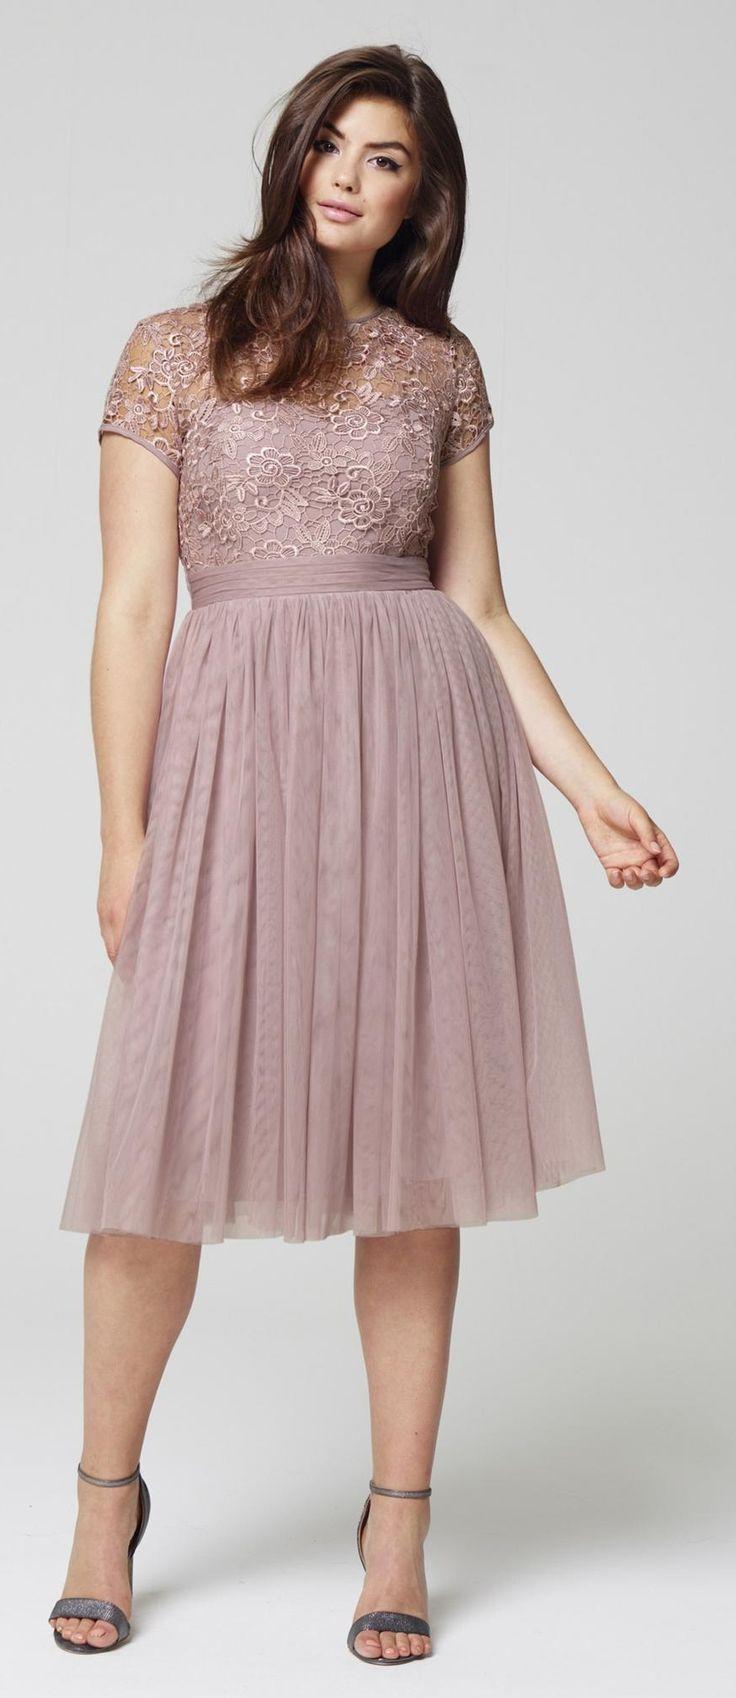 Plus Size Mesh Skater Dress big size fashion http://amzn.to ...